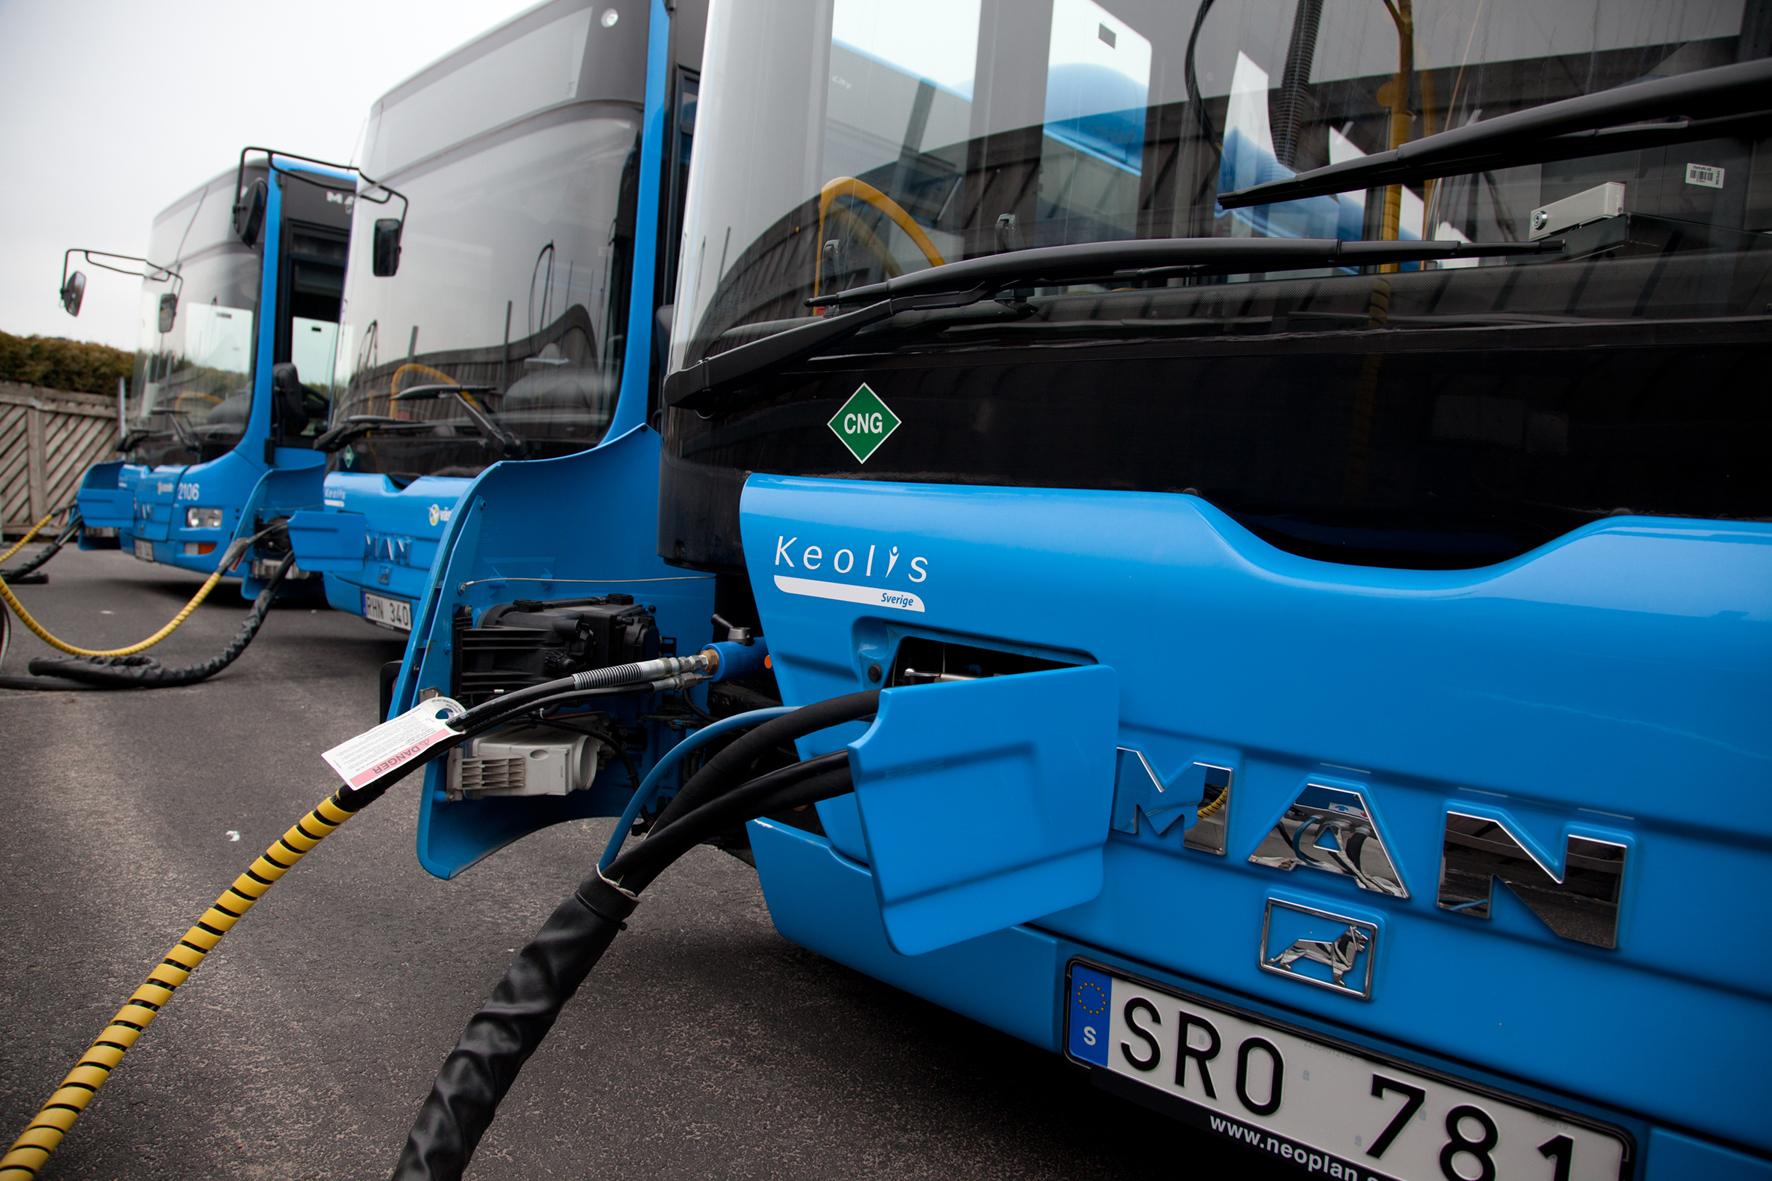 Bristol/Großbritannien - Menschliche Fäkalien und Abfälle wandelt ein Unternehmen in England in Biogas um, das zum Betrieb eines Busses verwendet wird.